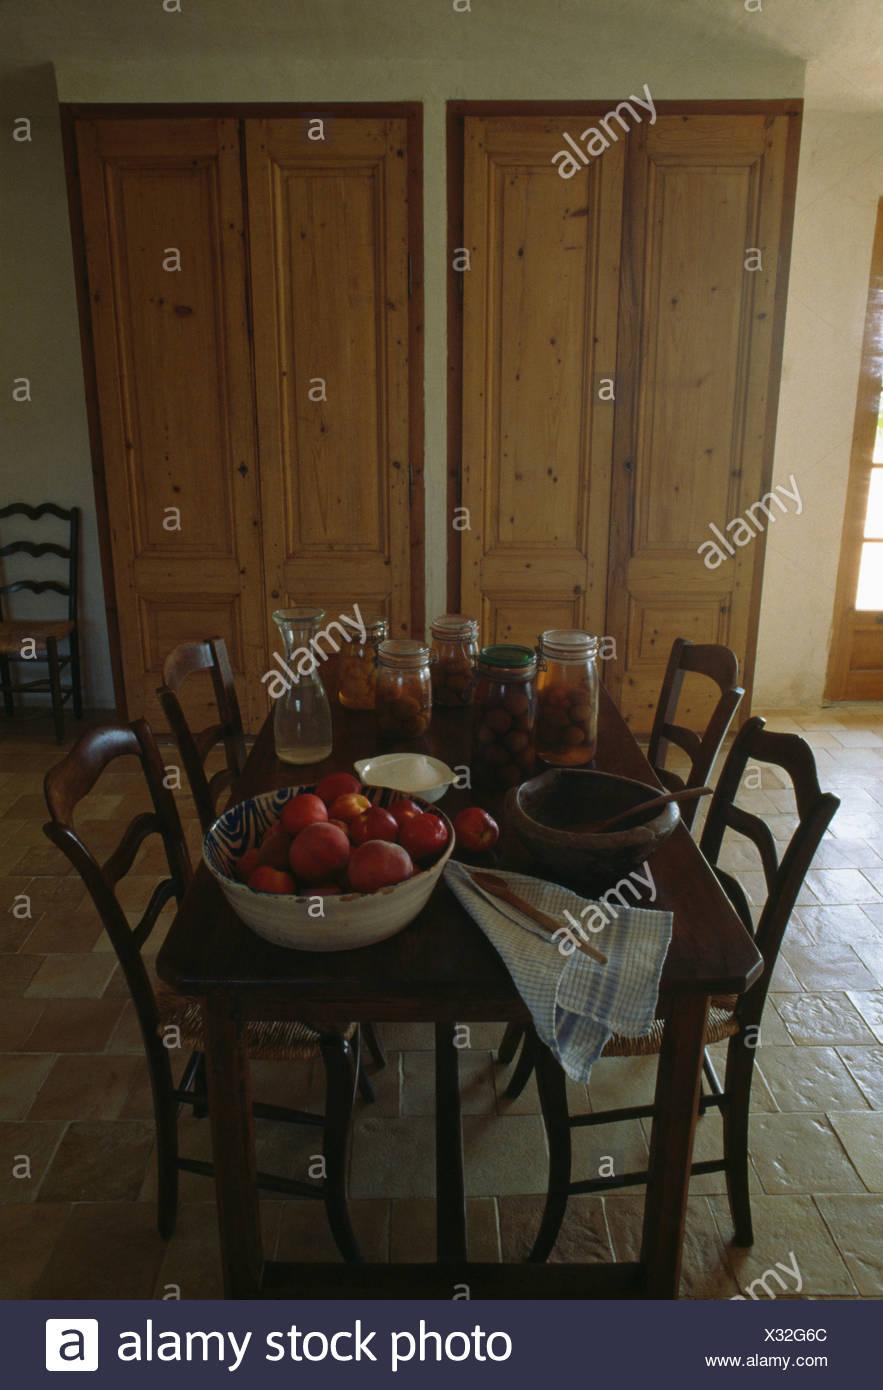 Schale Mit Apfeln Und Glaser Konfituren Auf Tisch Mit Antiken Stuhle